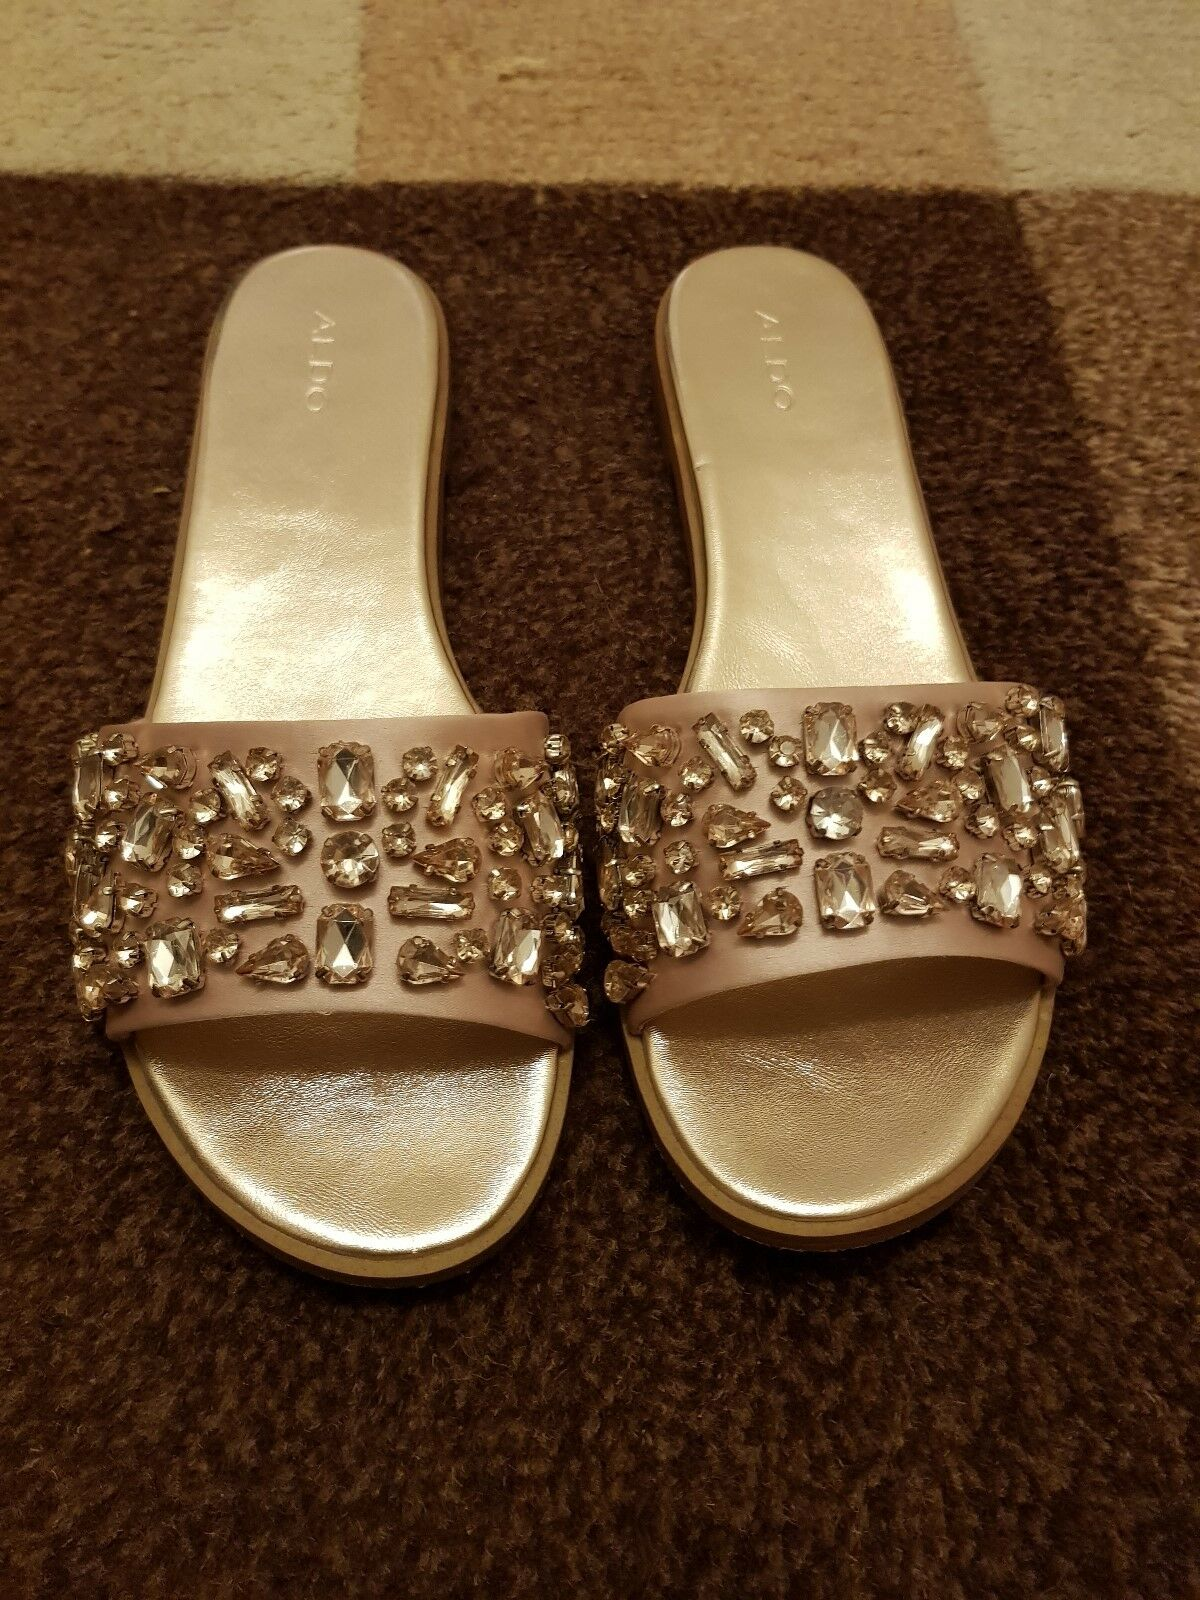 Verkaufe die Pantoletten Größe 41 in bronze von ALDO mit Steinen - nur einmal ku